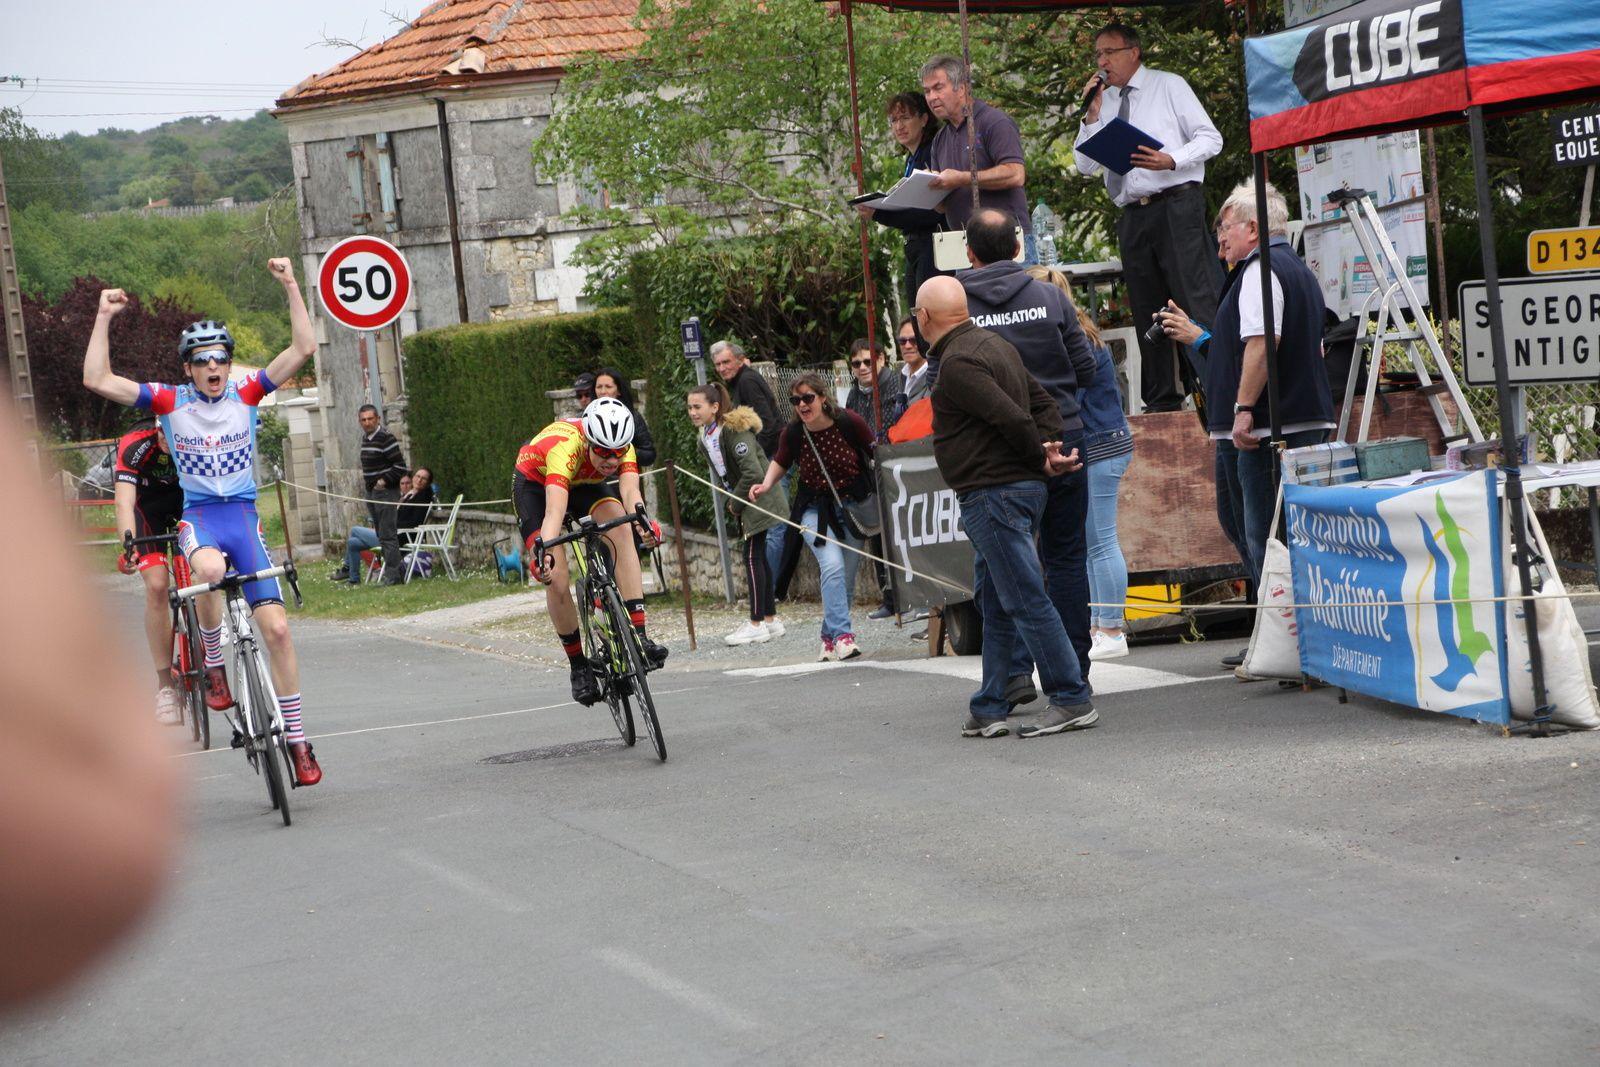 L'arrivée  et  la  victoire  pour  Louis  LEPECULIER(CA  Civray), 2e  Titouan  GOURDEAU(UCC  Vivonne), 3e  Nicolas  LAIR(C  Poitevin), 4e  Clément  FIGADERE(AVC  Libourne)